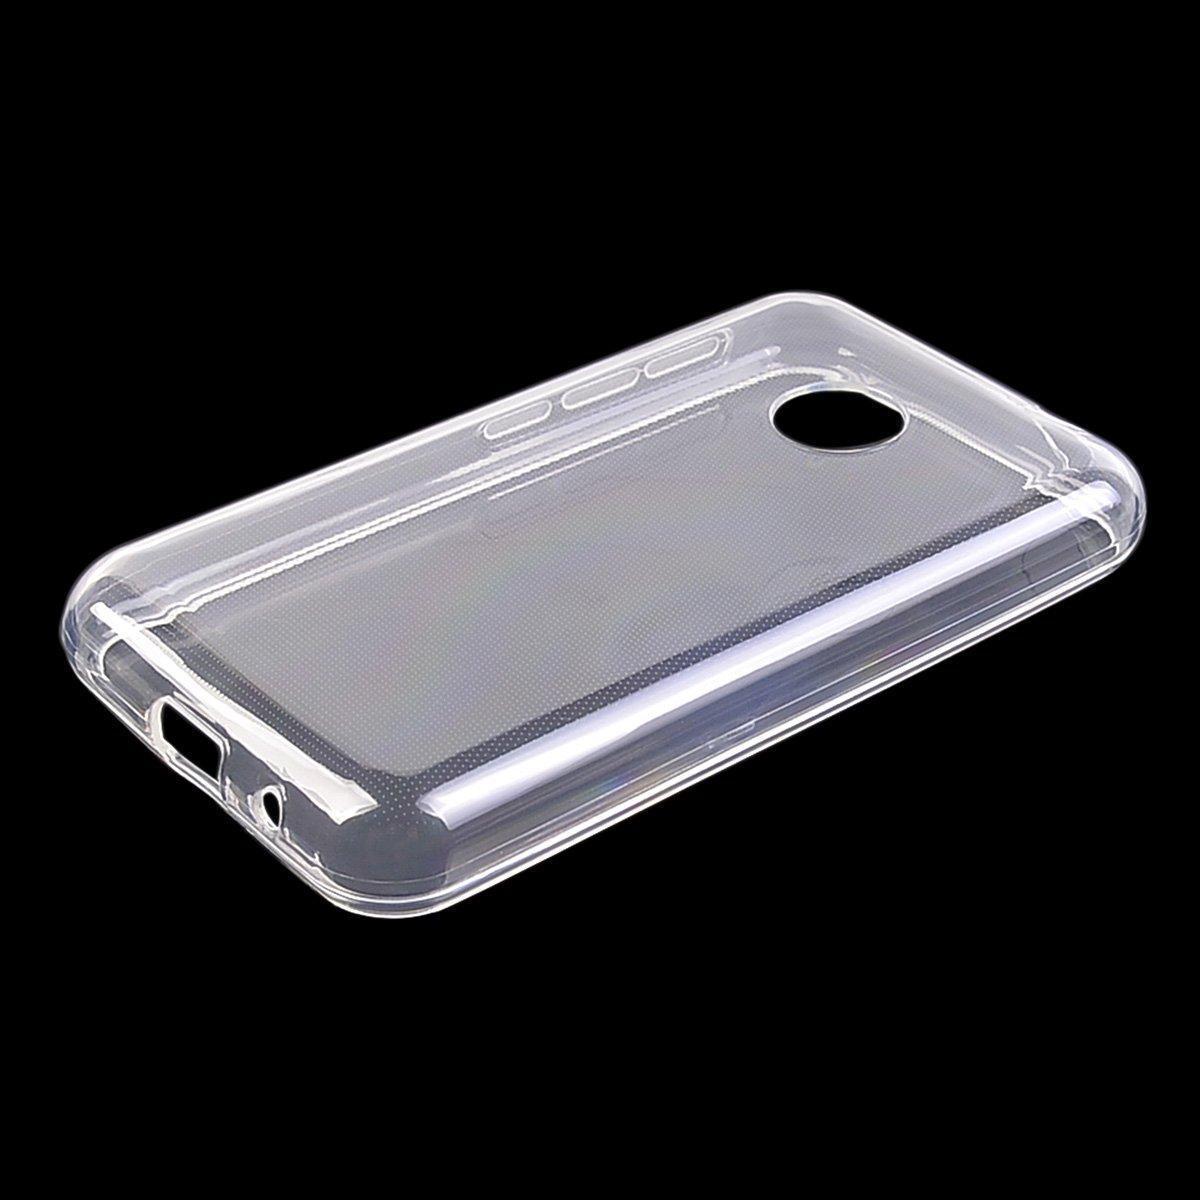 Silikonové pouzdro Ultra Thin 0,5 mm na mobil Vodafone Smart First 7 průhledné (Silikonový kryt či obal na mobilní telefon v průhledném provedení Vodafone Smart First 7)